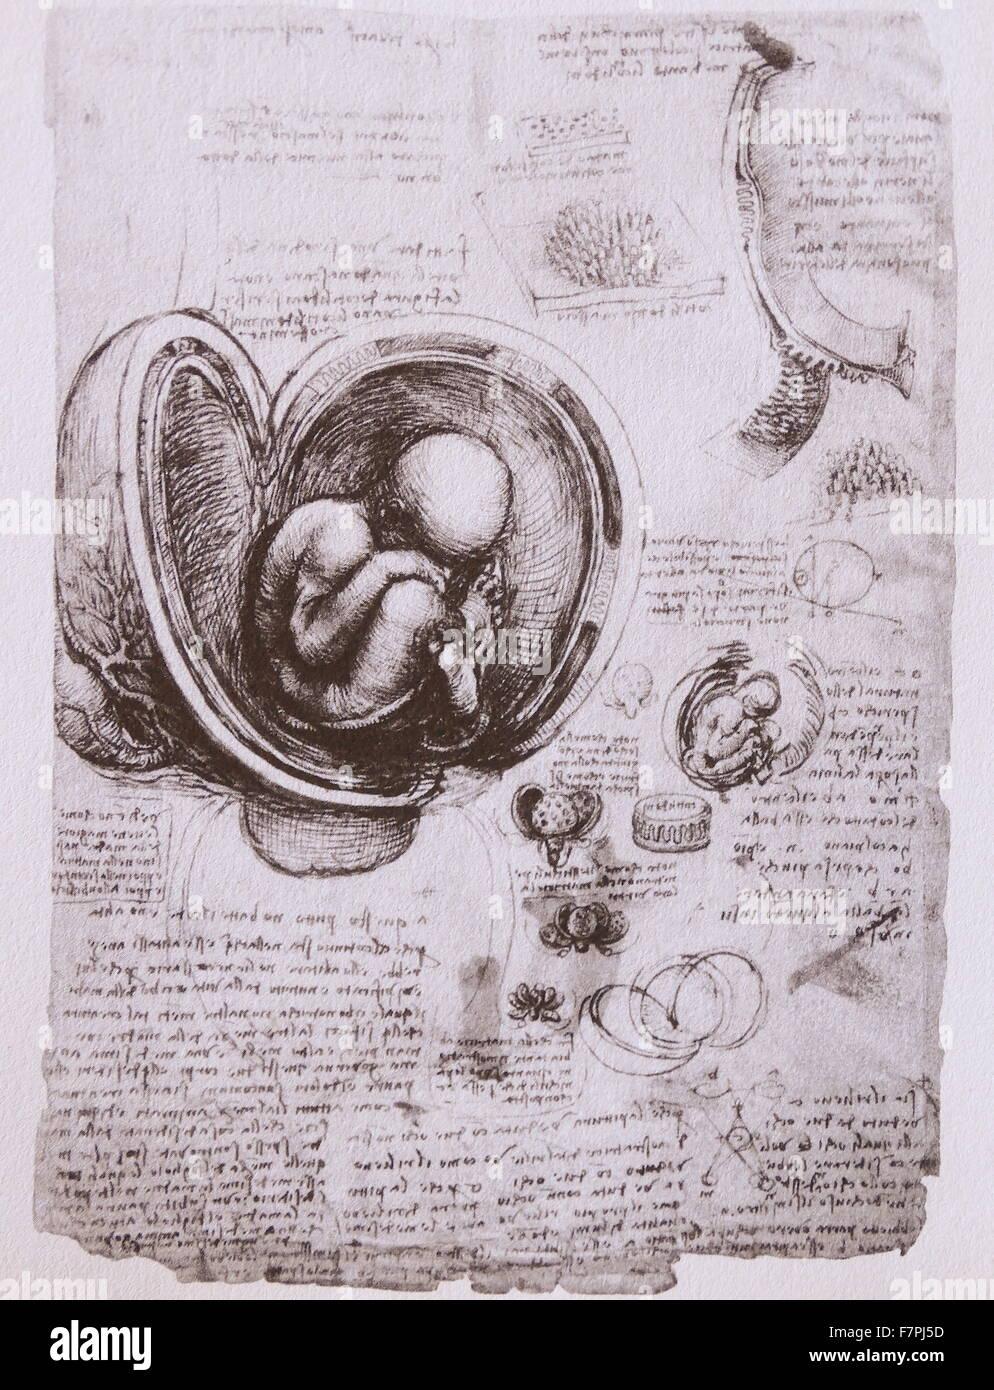 Anatomische Skizze von Leonardo Da Vinci (1452-1519) italienischer ...